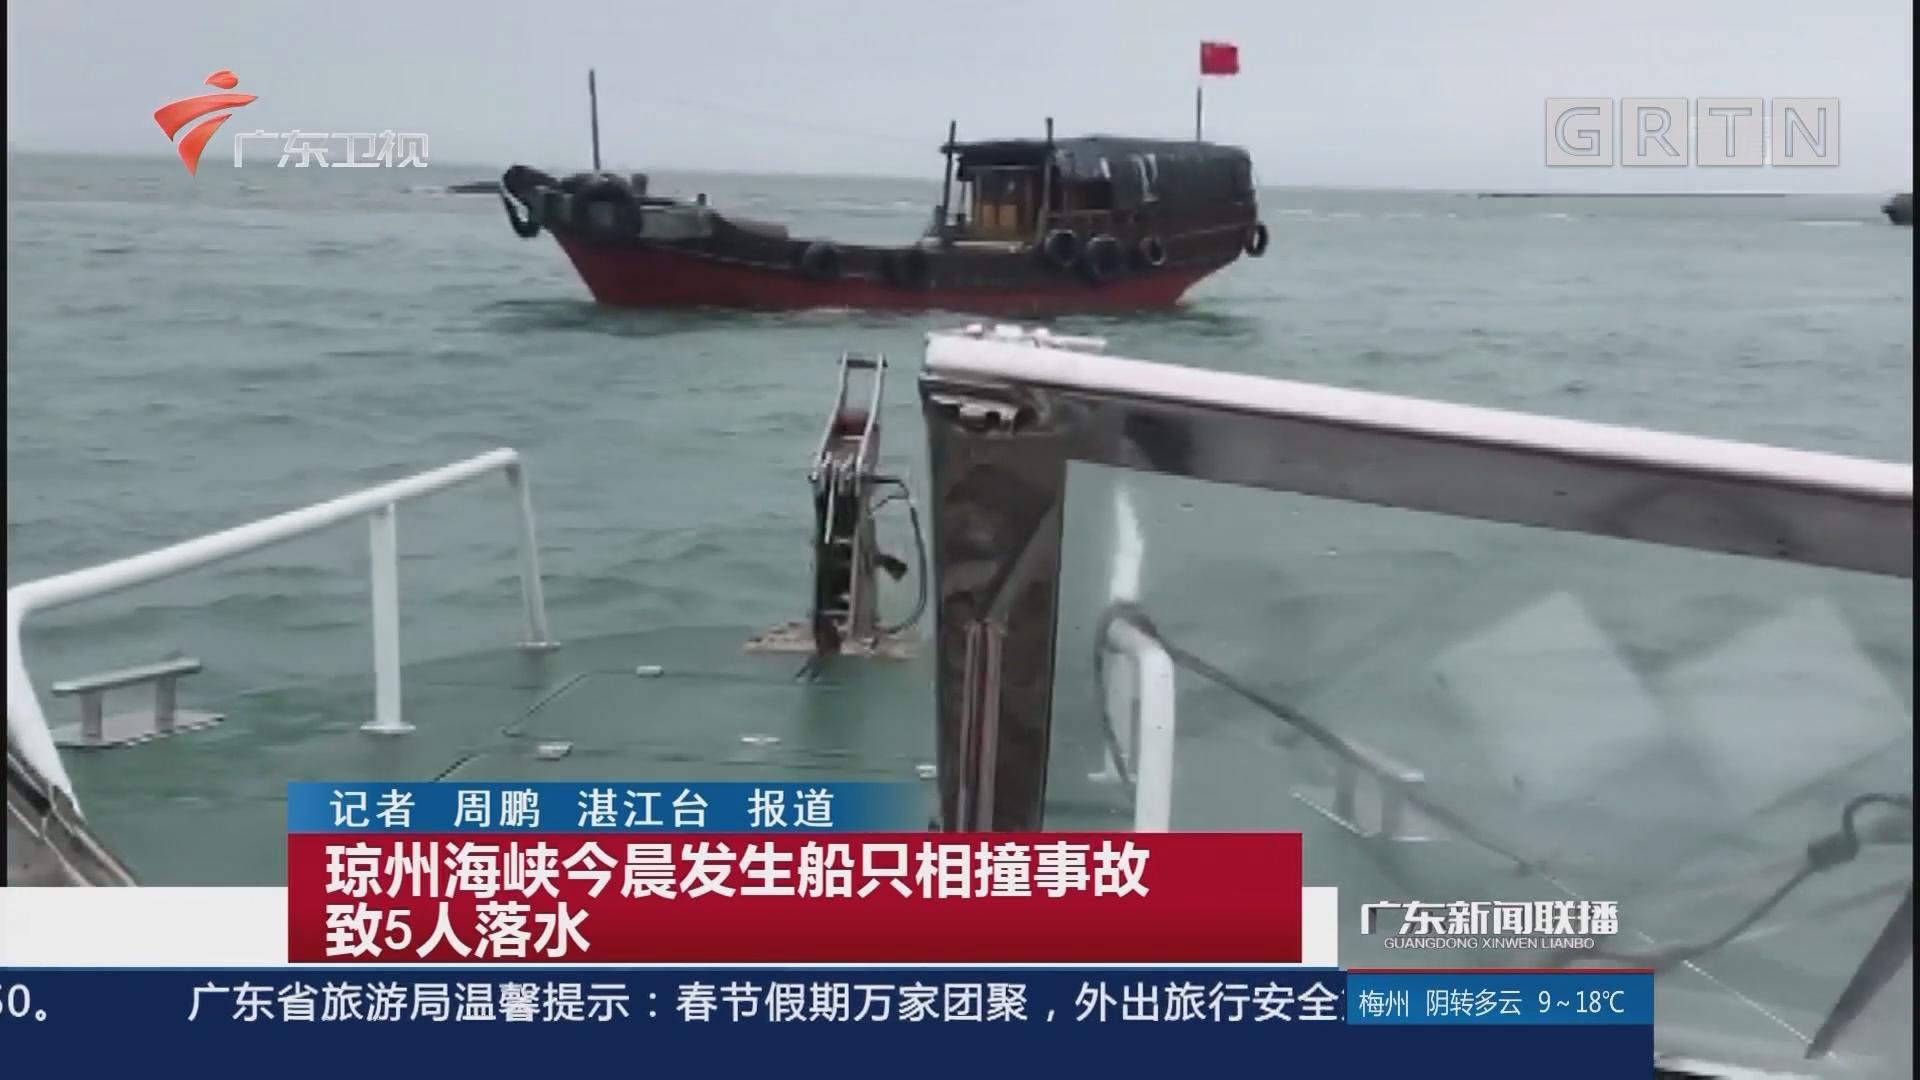 琼州海峡今晨发生船只相撞事故 致5人落水